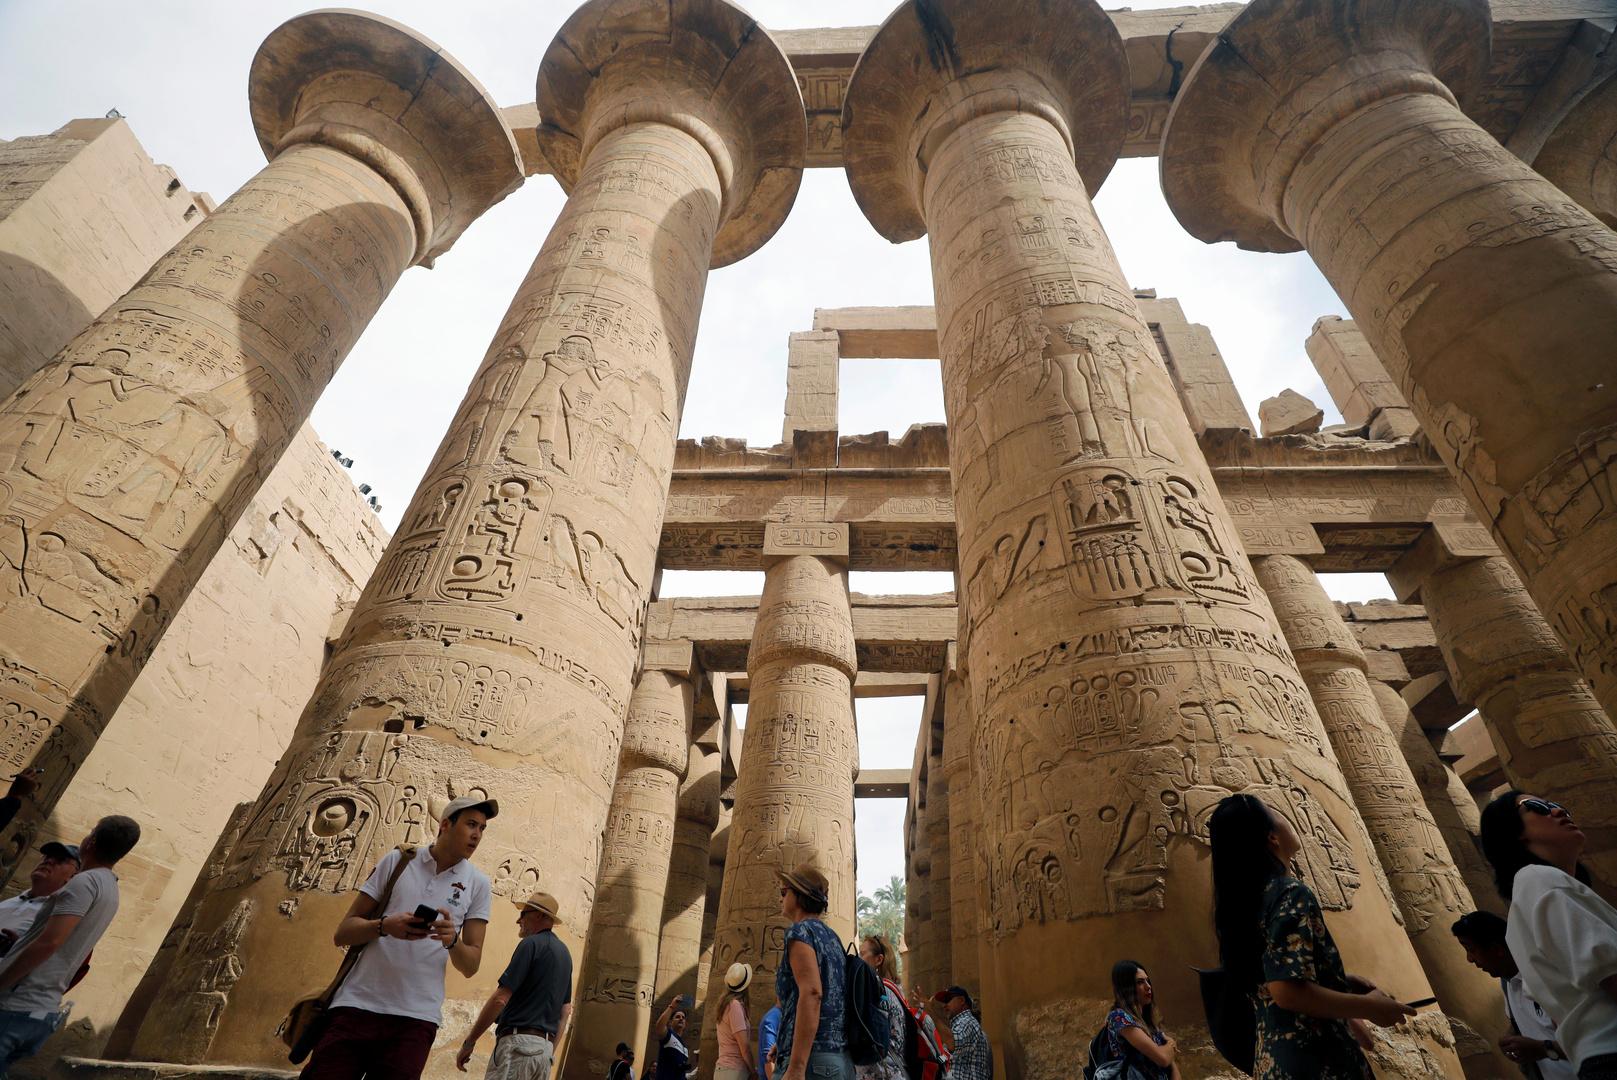 معبد الكرنك في الأقصر بمصر